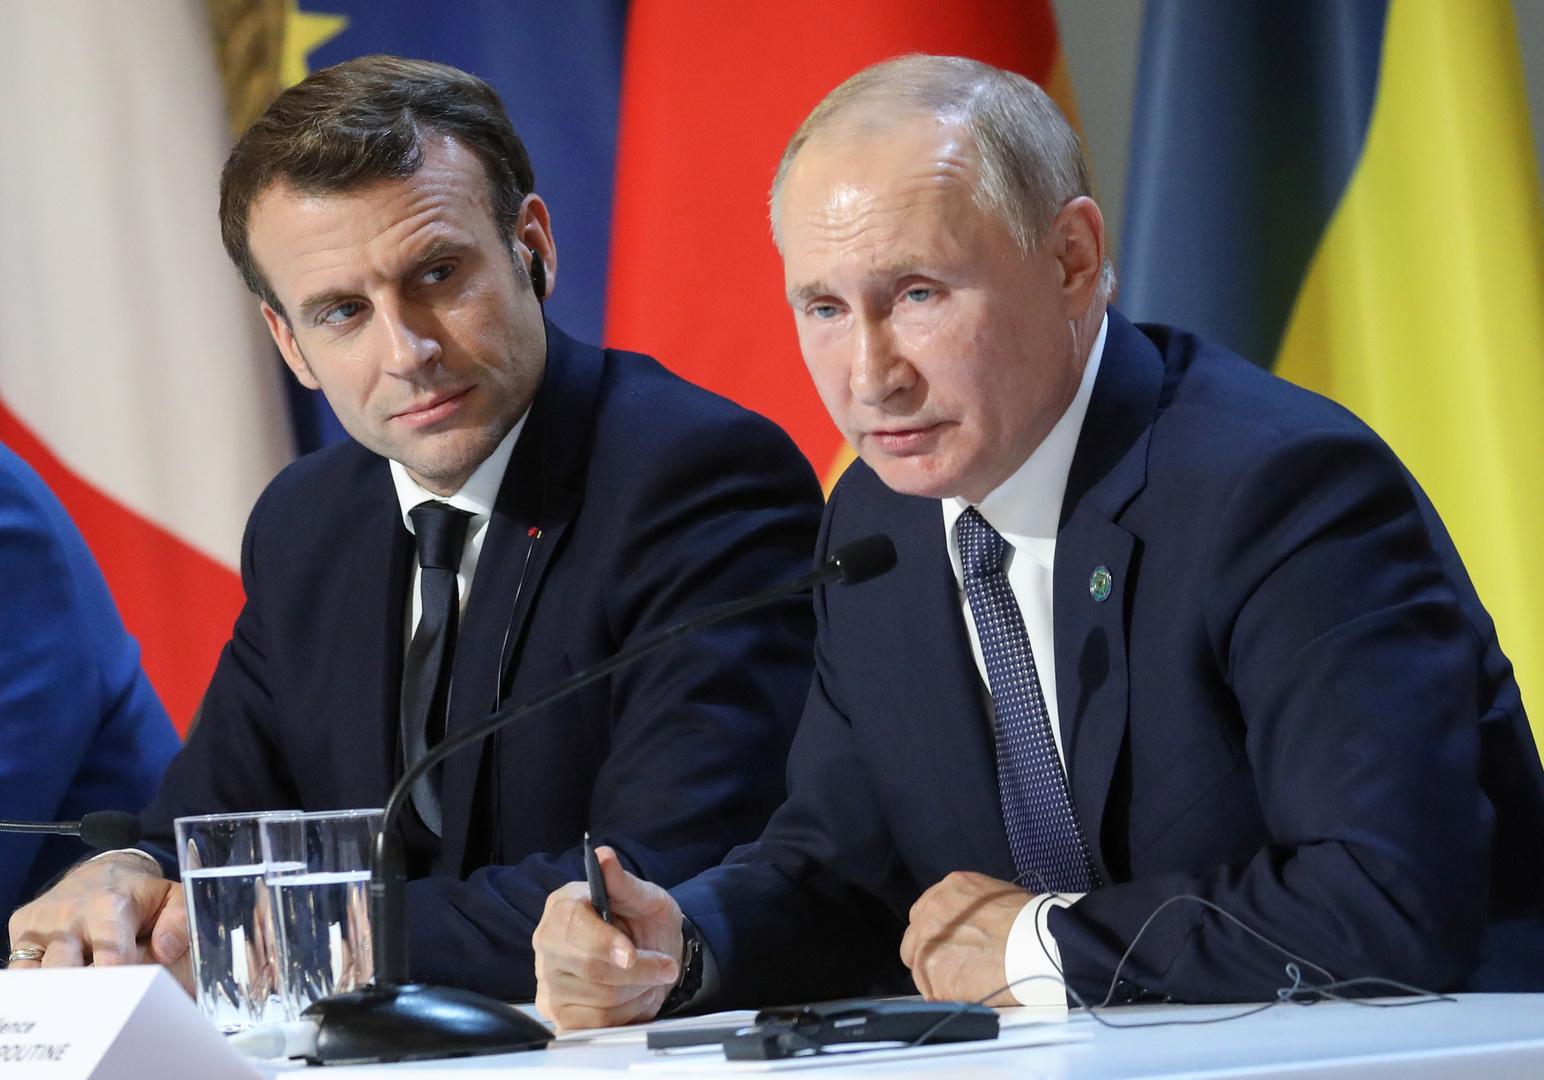 بوتين يؤكد لماكرون ضرورة تسوية مشاكل لبنان دون تدخل خارجي